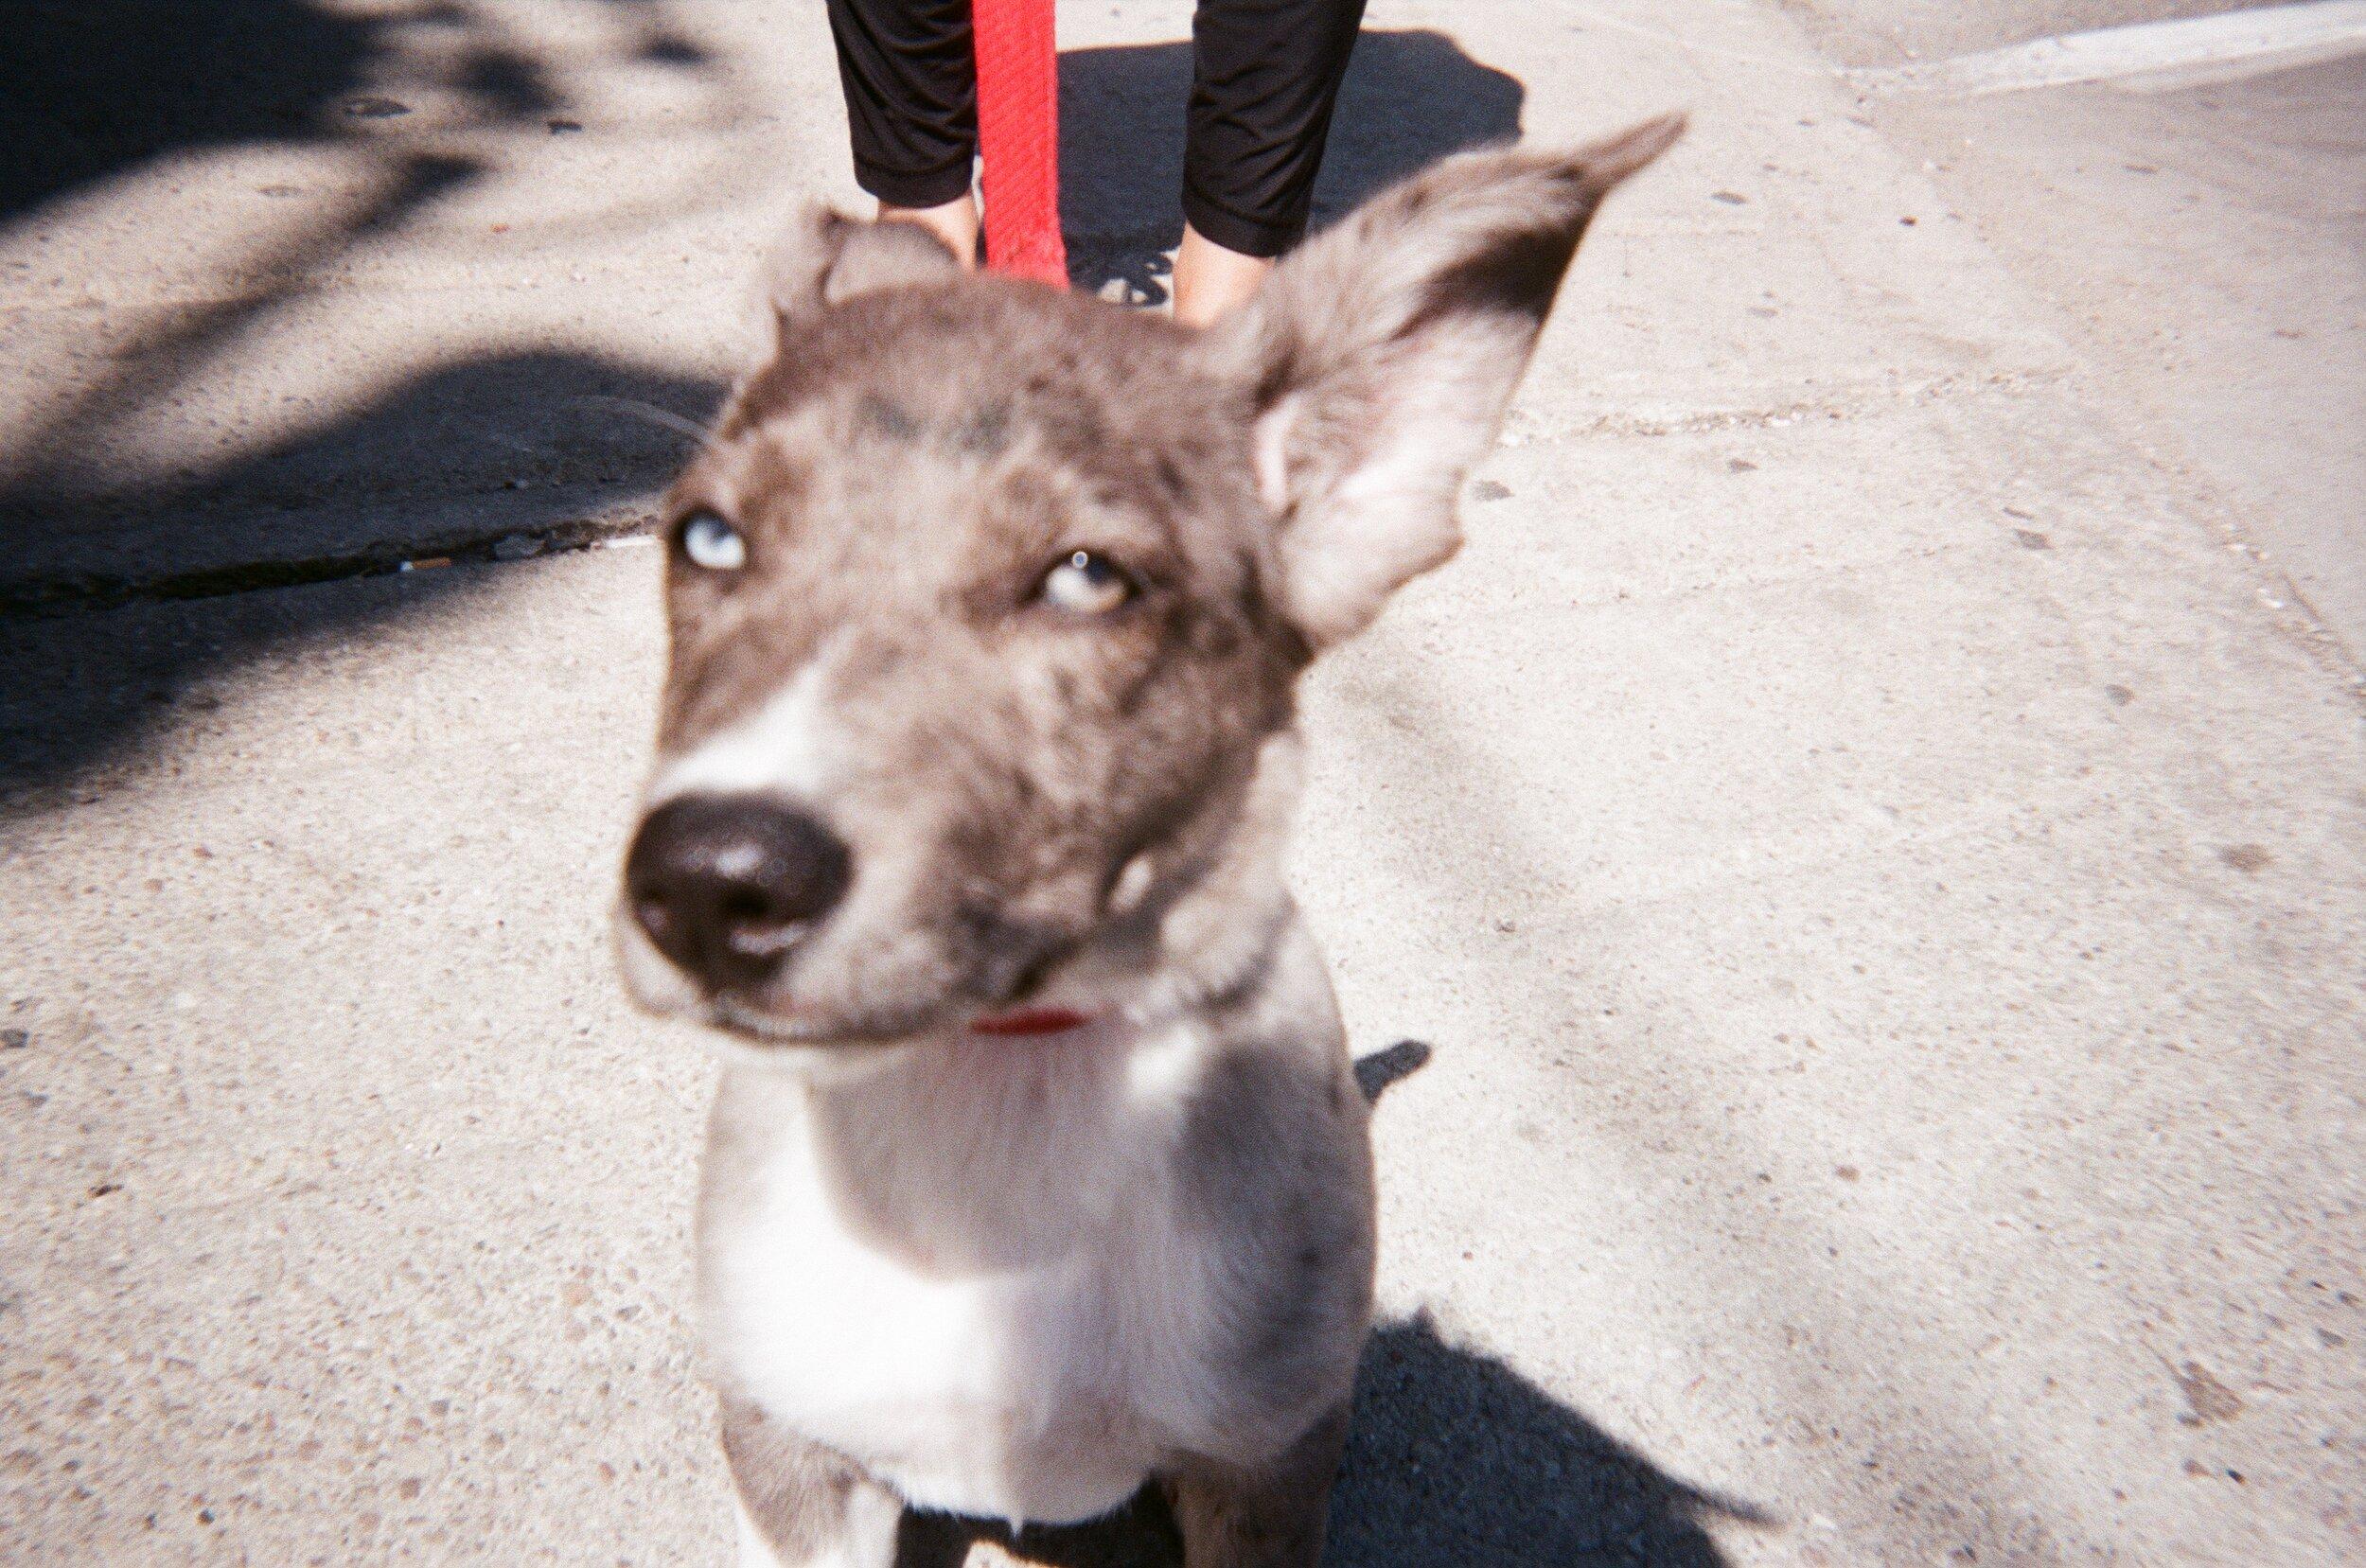 blurry. dogJPG